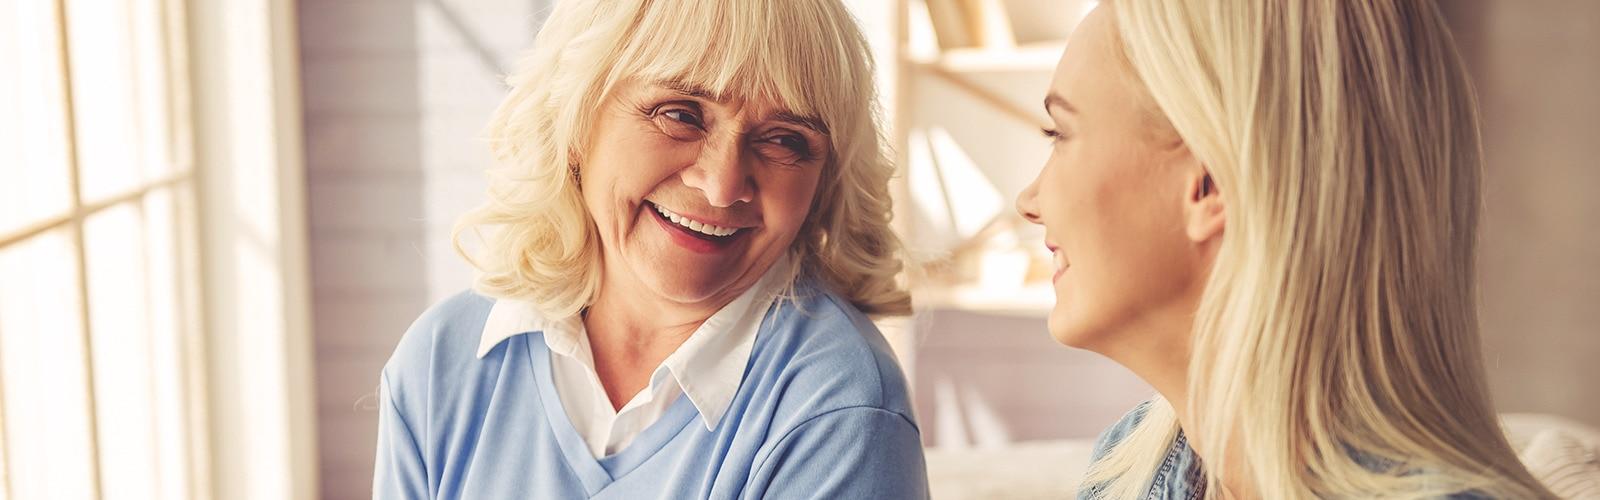 Veca sieviete smejas kopā ar jaunāku sievieti; veidi, kā palīdzēt tuviniekam urīna nesaturēšanas gadījumā